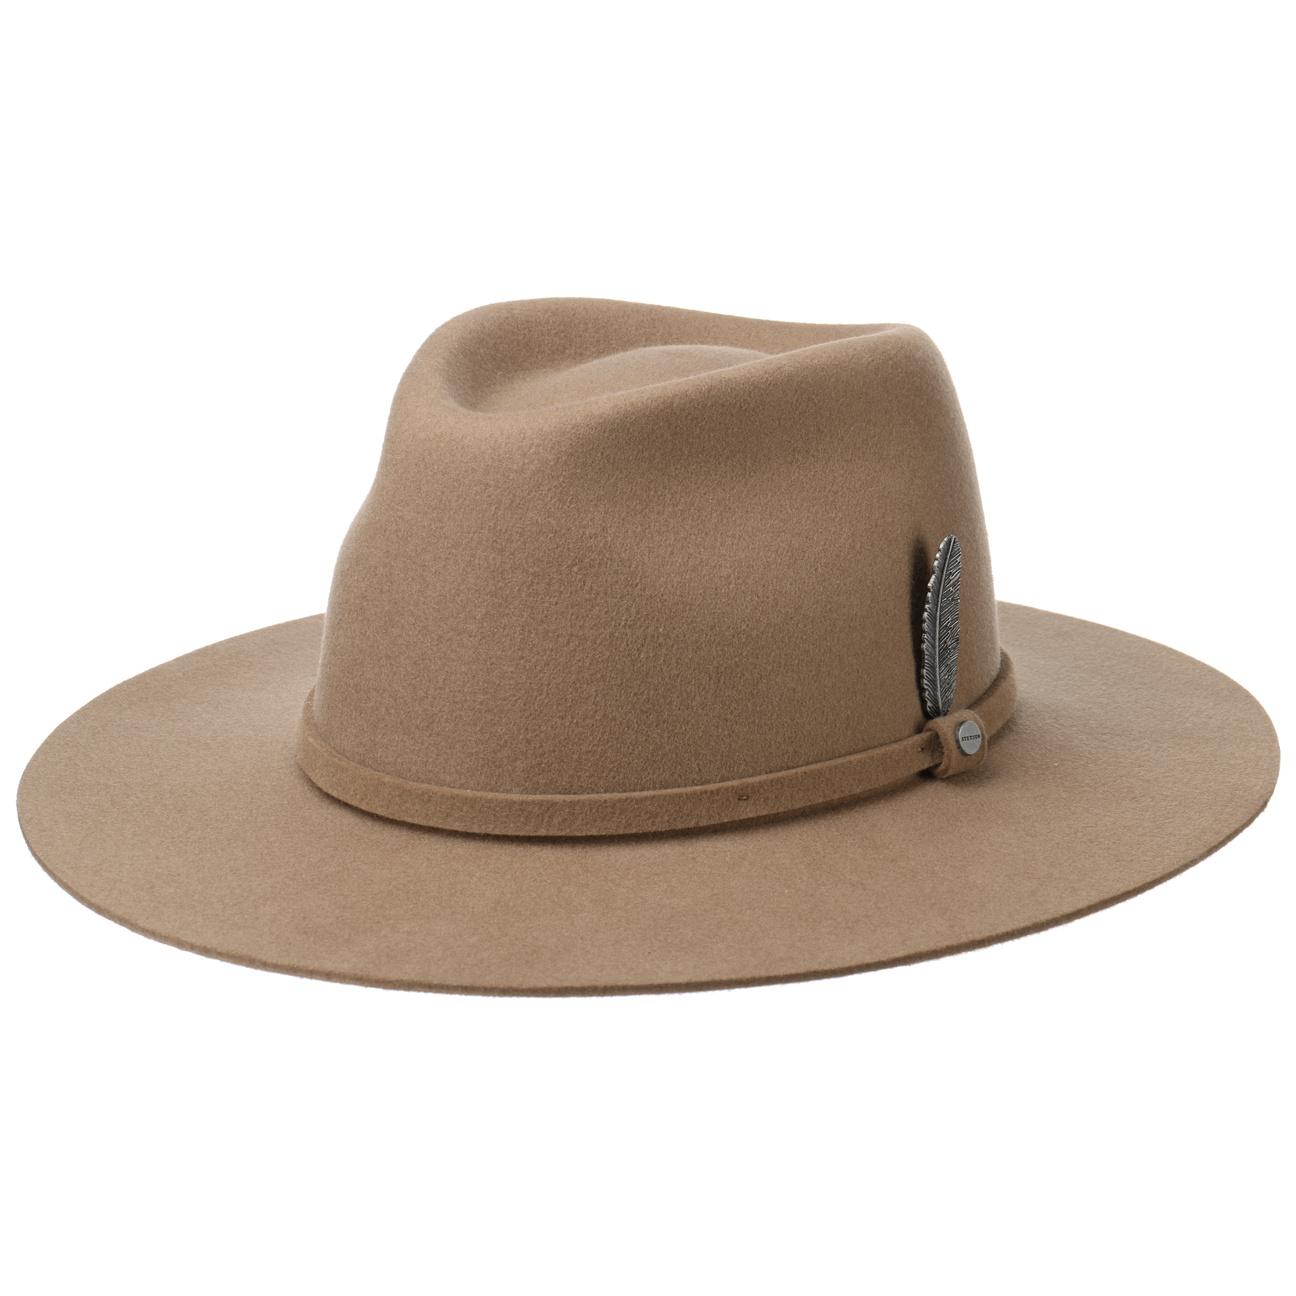 Chapeau Outdoor Cooperstown Wool by Stetson  chapeau de feutre